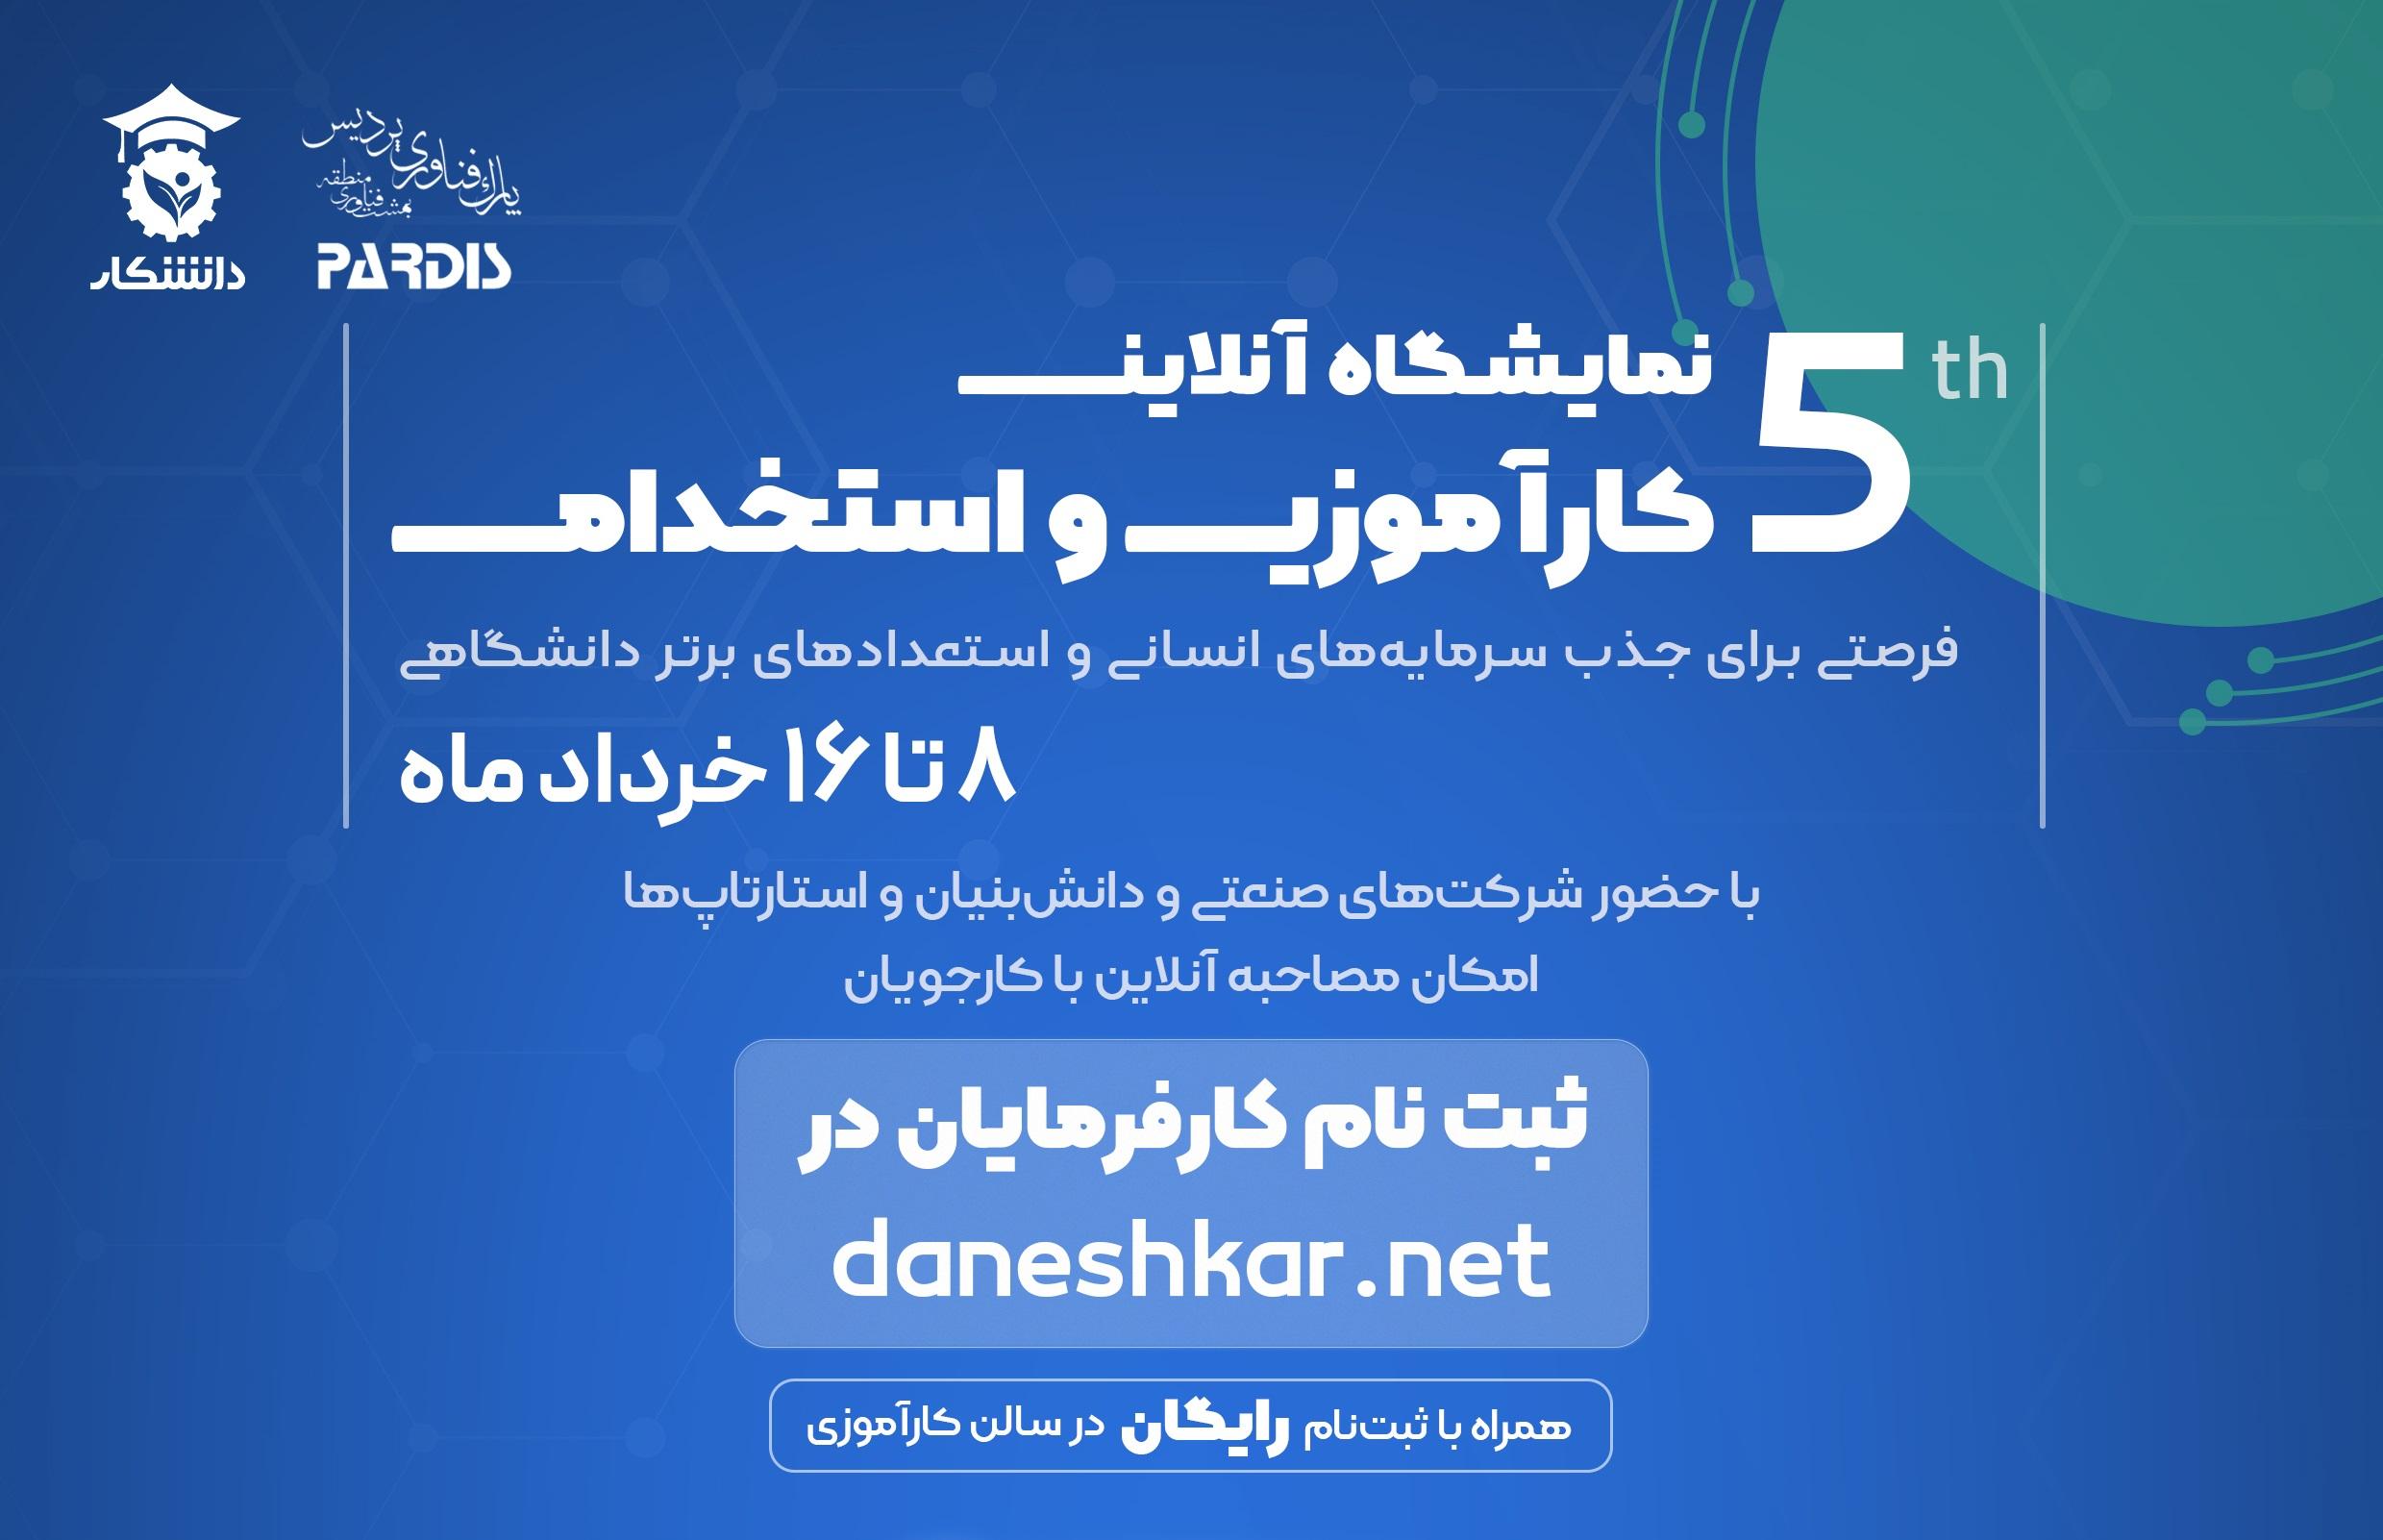 برگزاری پنجمین نمایشگاه کارآموزی و استخدام (آنلاین)